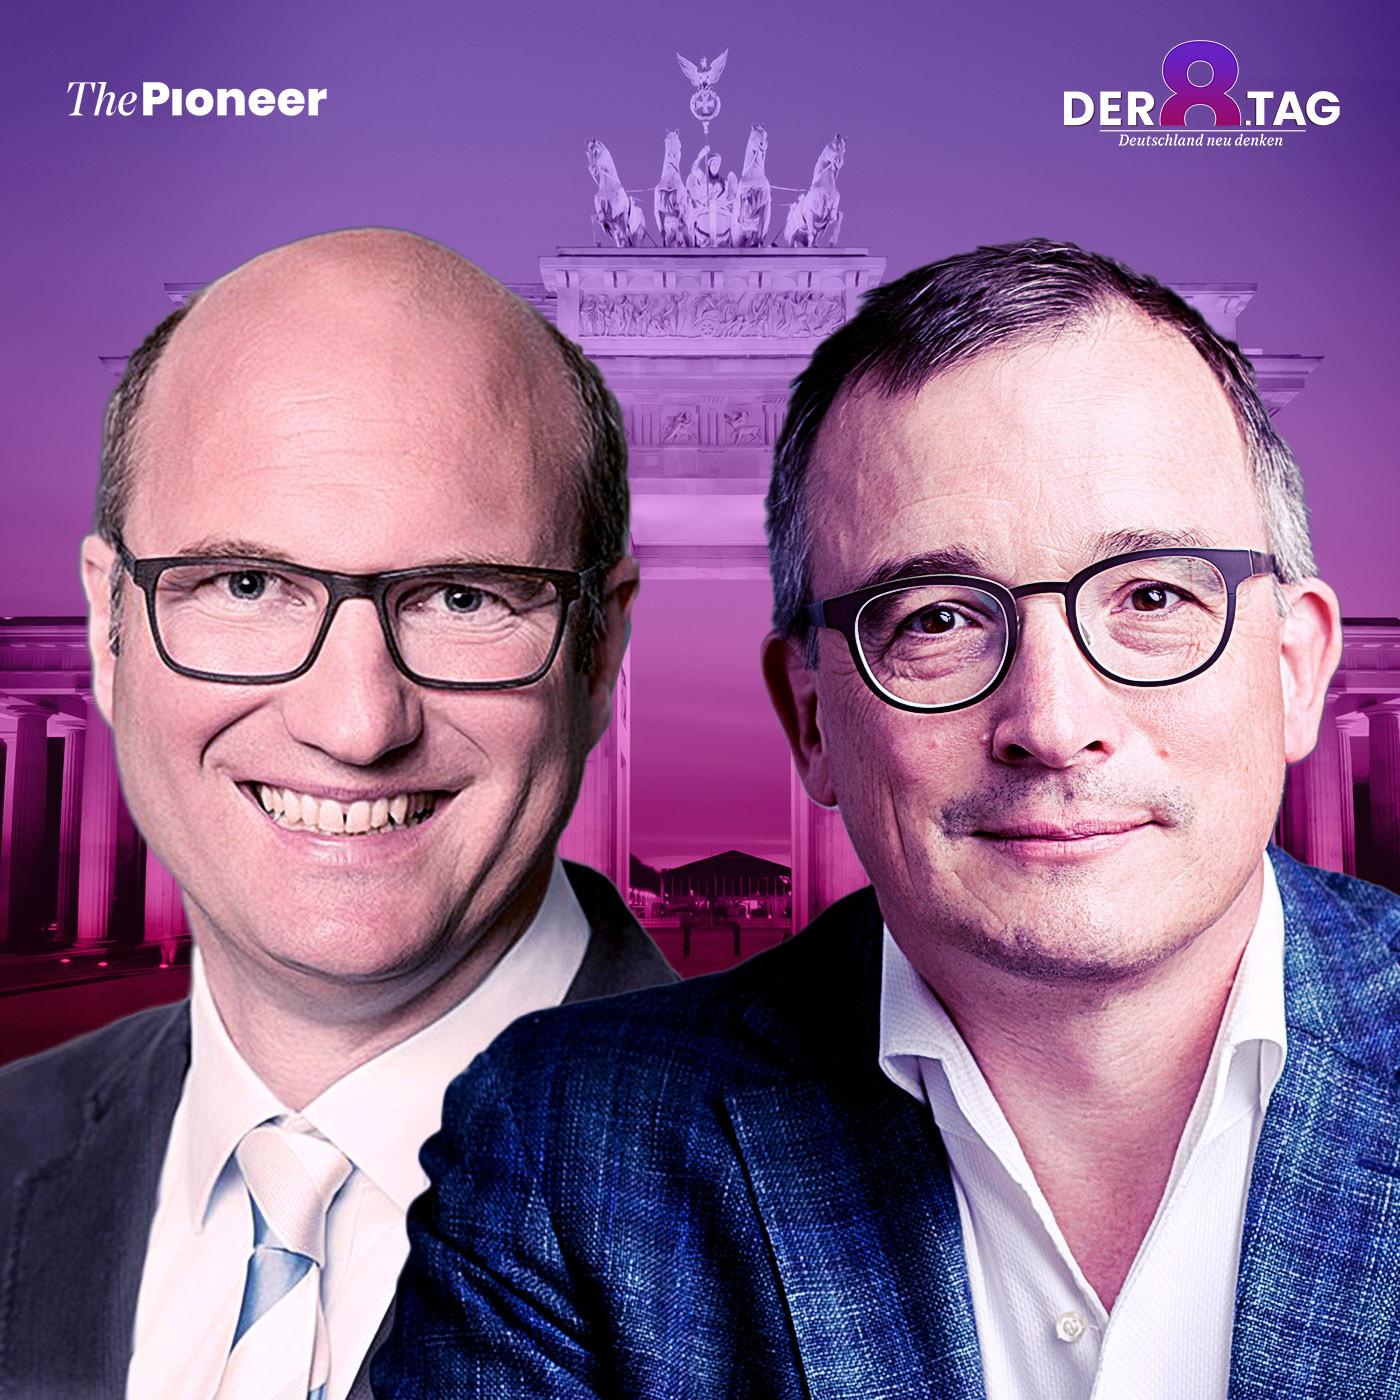 """Der achte Tag #51 - Andreas Rödder und Gregor Kirchhof: """"New Deal für Europa und den Euro"""""""